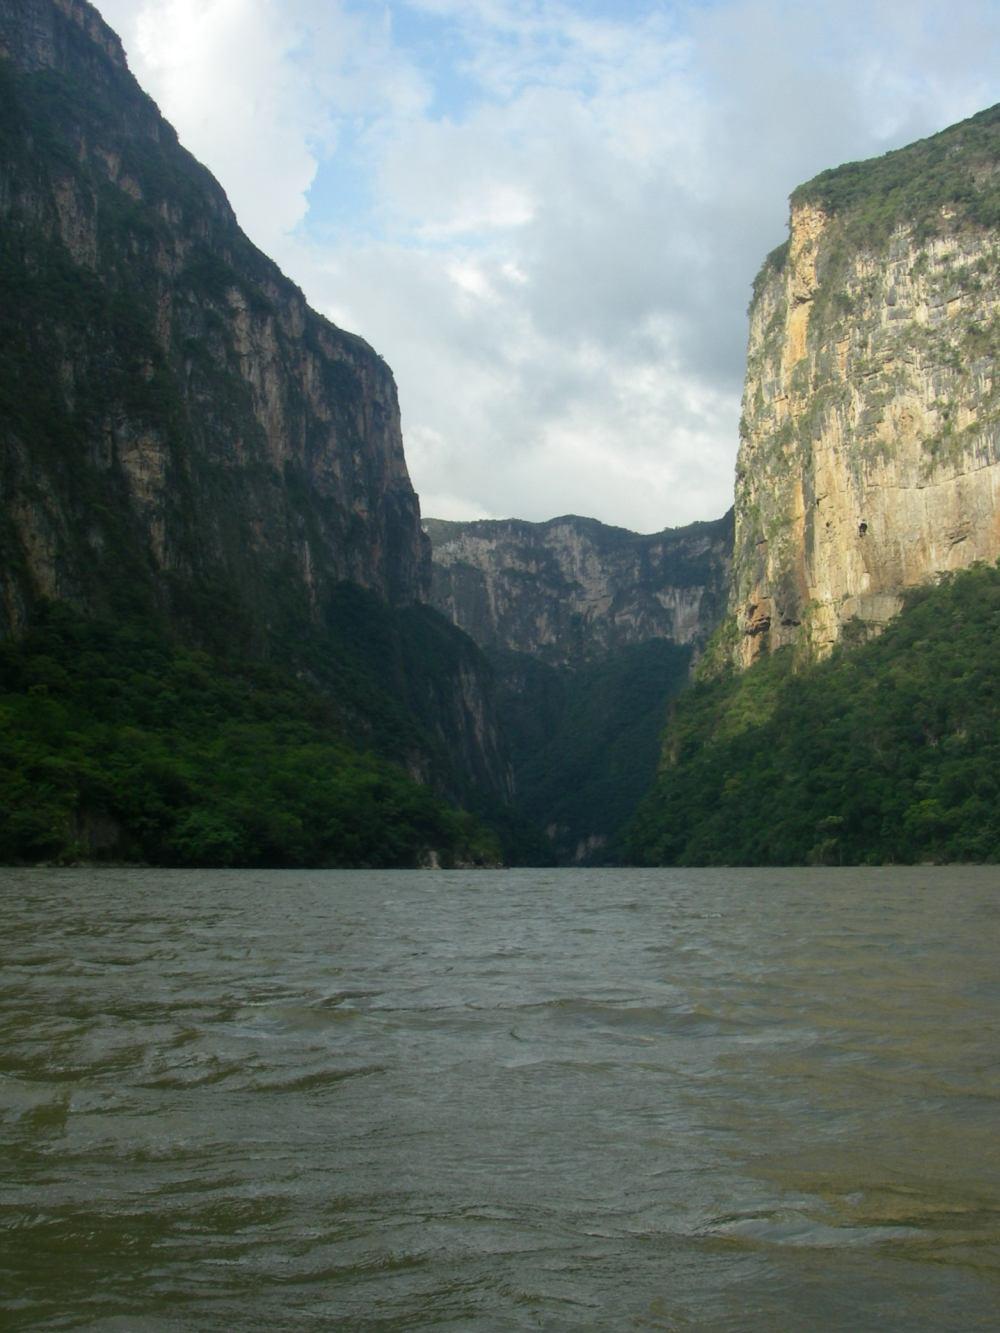 Fluss mit senkrechten Felswänden an den Ufern.